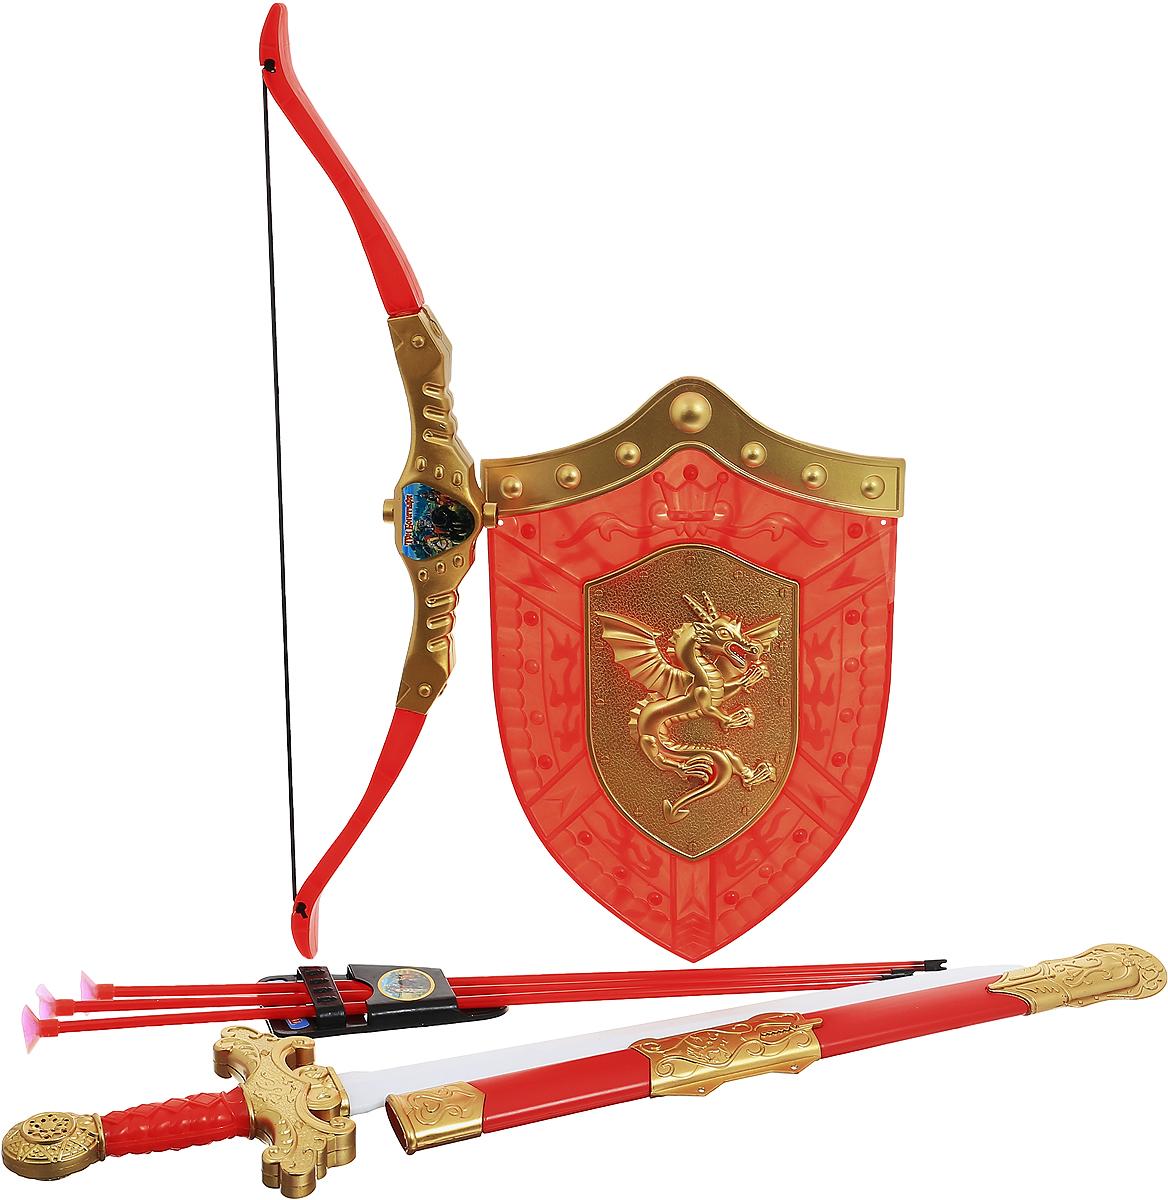 Играем вместе Набор оружия Три богатыря 8 предметов цвет красный золотистыйB608255-R2С набором оружия Играем вместе Три богатыря ваш ребенок почувствует себя настоящим защитником и сможет создать несколько игровых сцен средневековья, попробовав себя в роли рыцаря или богатыря. В набор входят щит, меч с ножнами, лук, футляр для стрел и три стрелы. Все элементы выполнены из прочного и безопасного для ребенка материала. Порадуйте своего ребенка таким замечательным подарком!